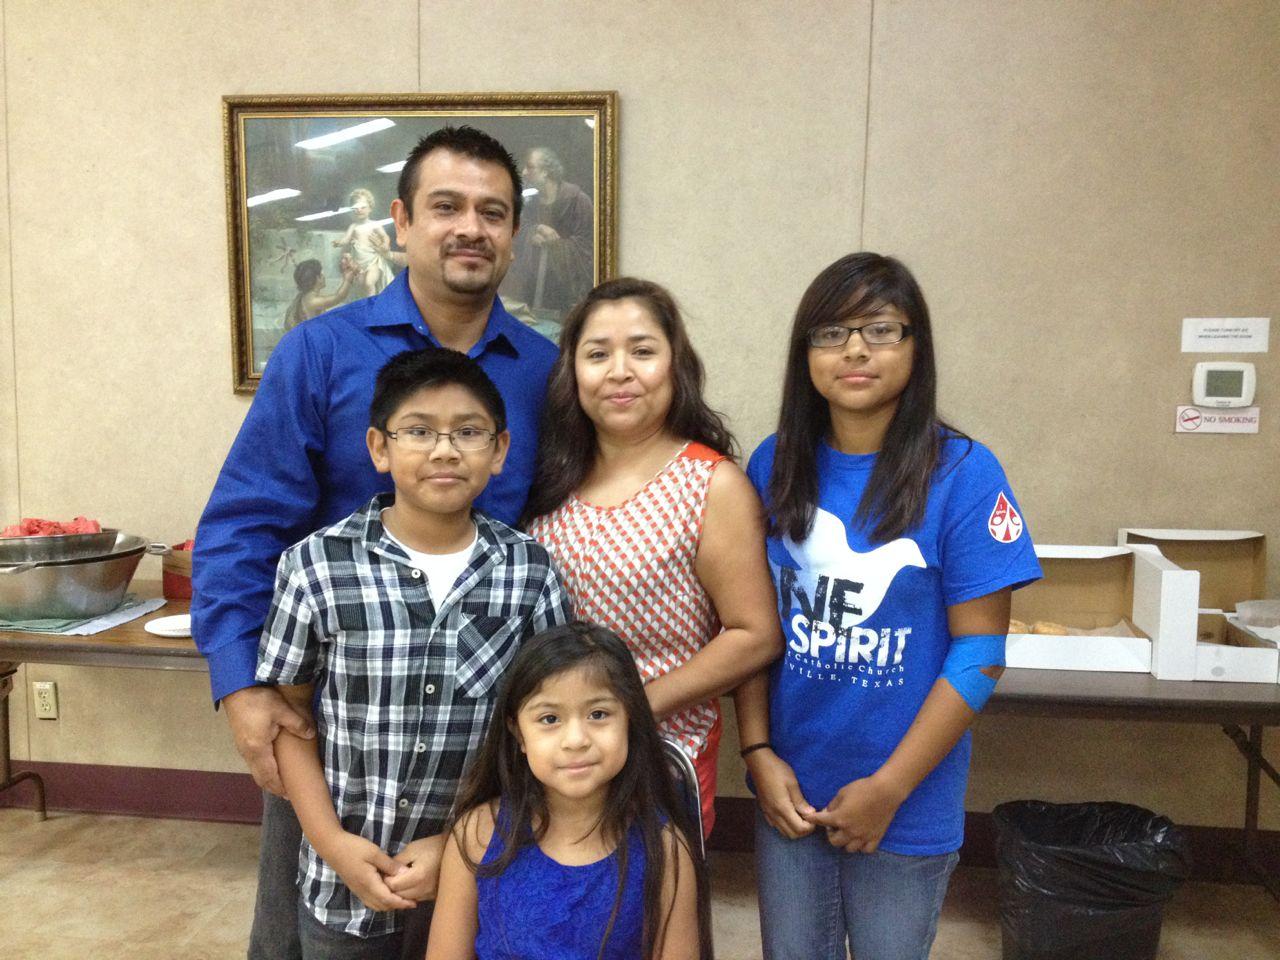 The Torreblanca family